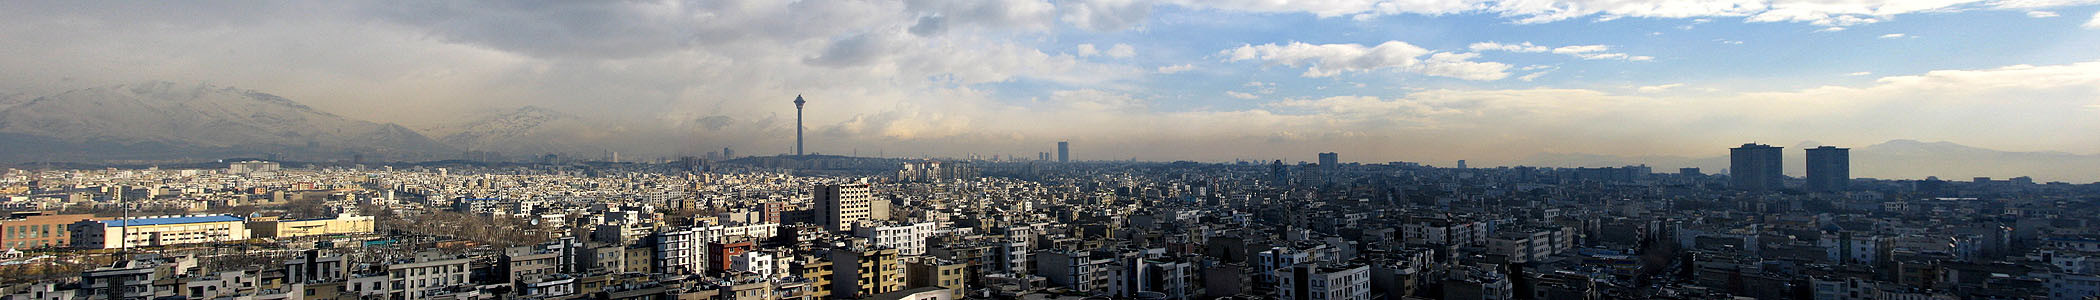 بررسی وضعیت معاملات مسکن شهر تهران در سال 1396